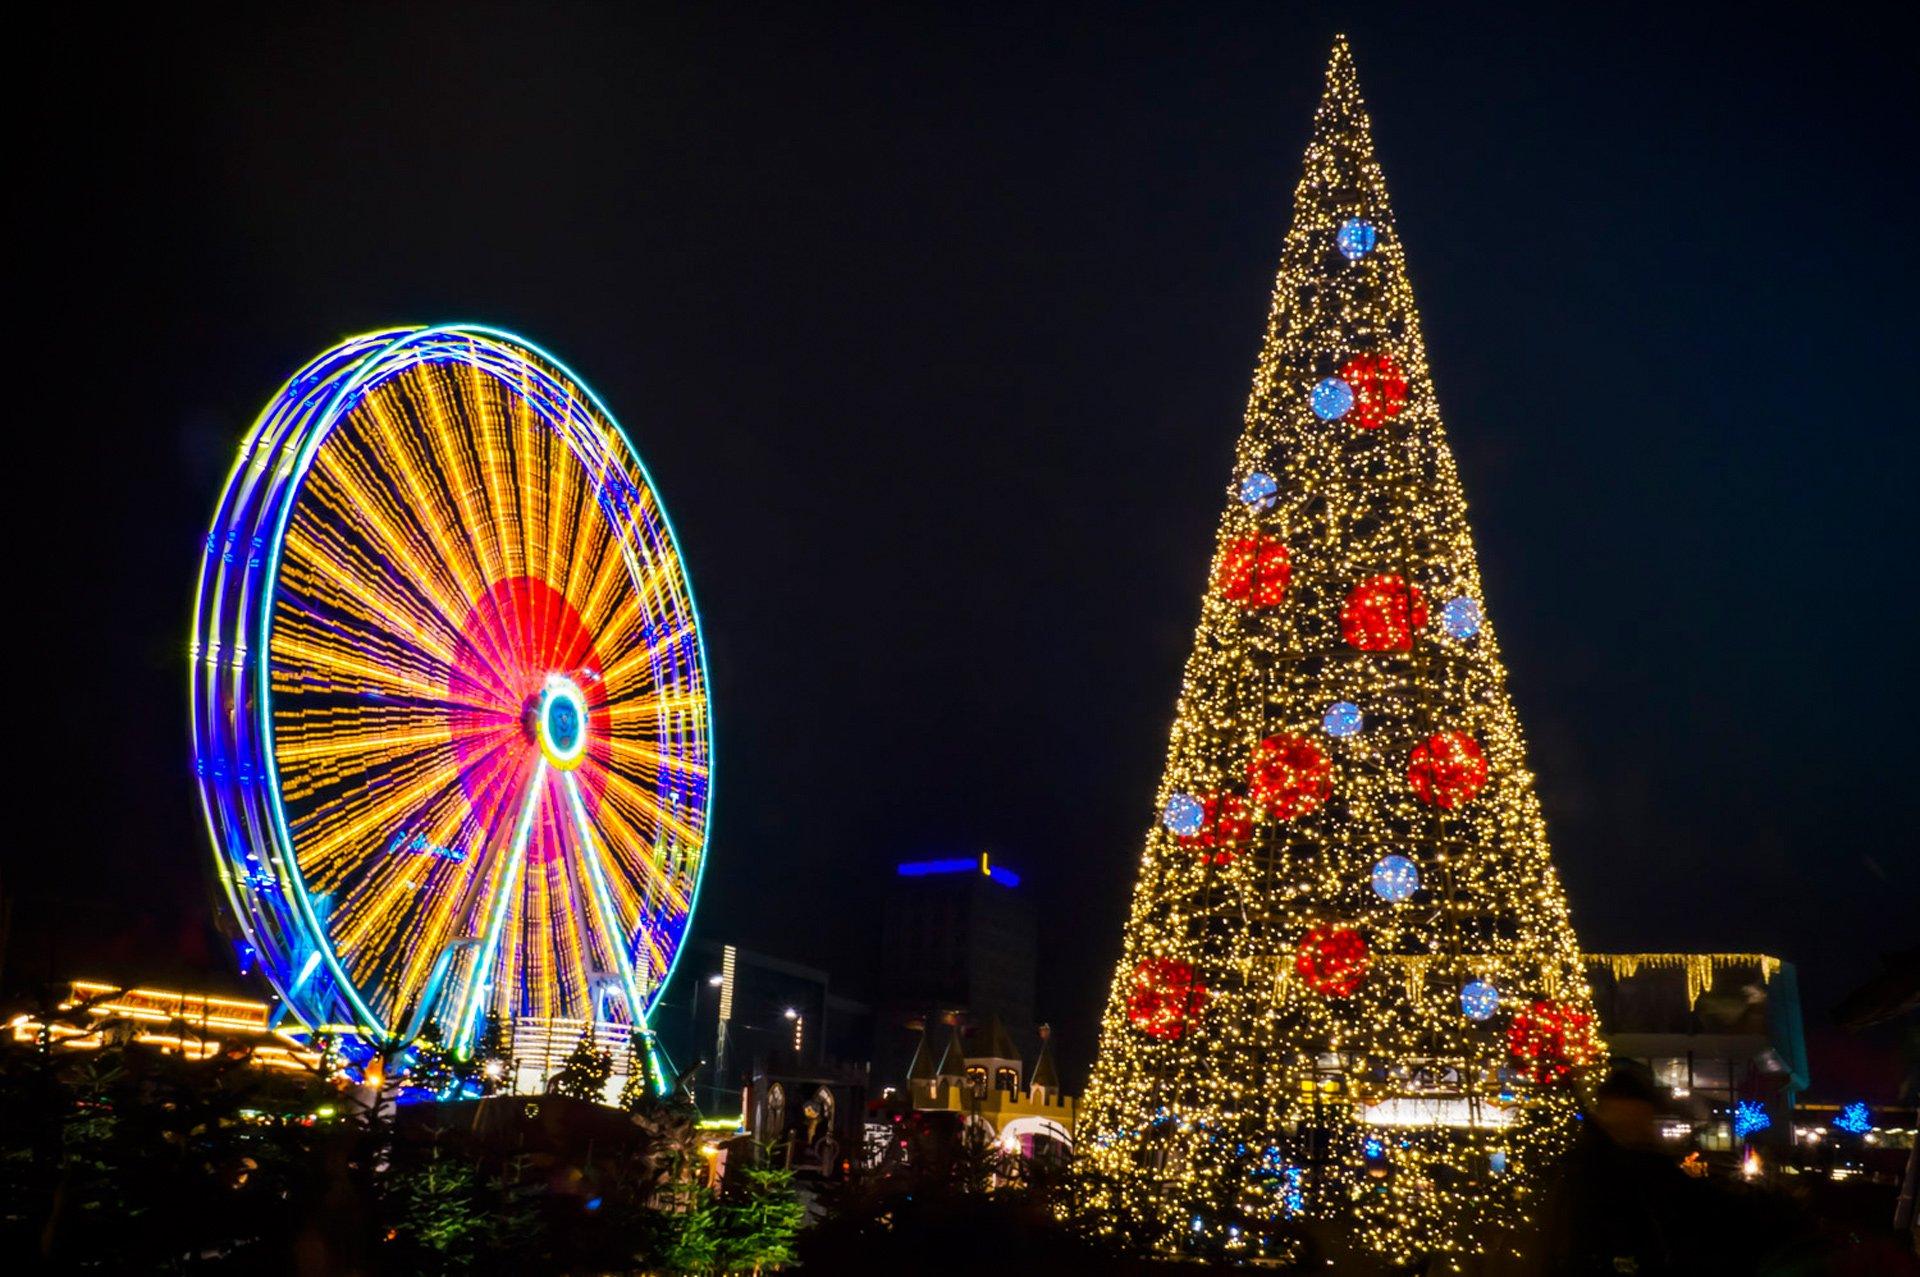 Uwe Statz - Bewegung, die bewegt - Auf dem Weihnachtsmarkt